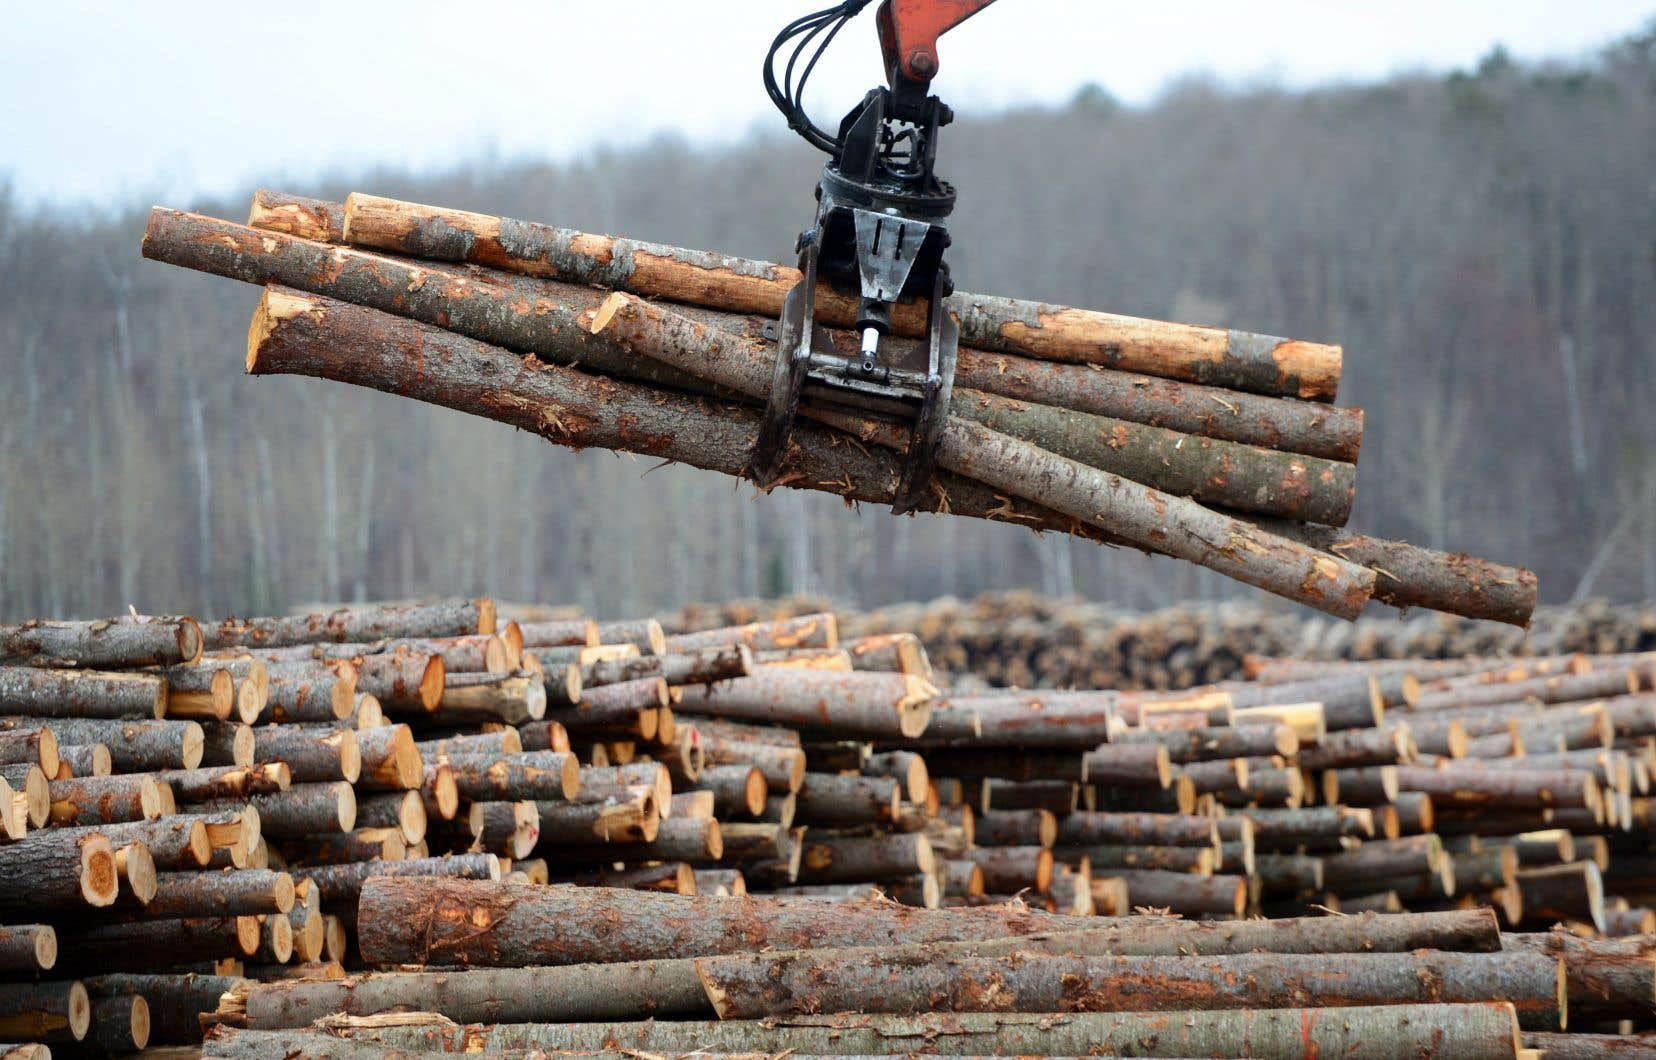 Les États-Unis ont imposé une série de pénalités au Canada, qu'ils accusent de subventionner injustement ses producteurs de bois d'oeuvre.